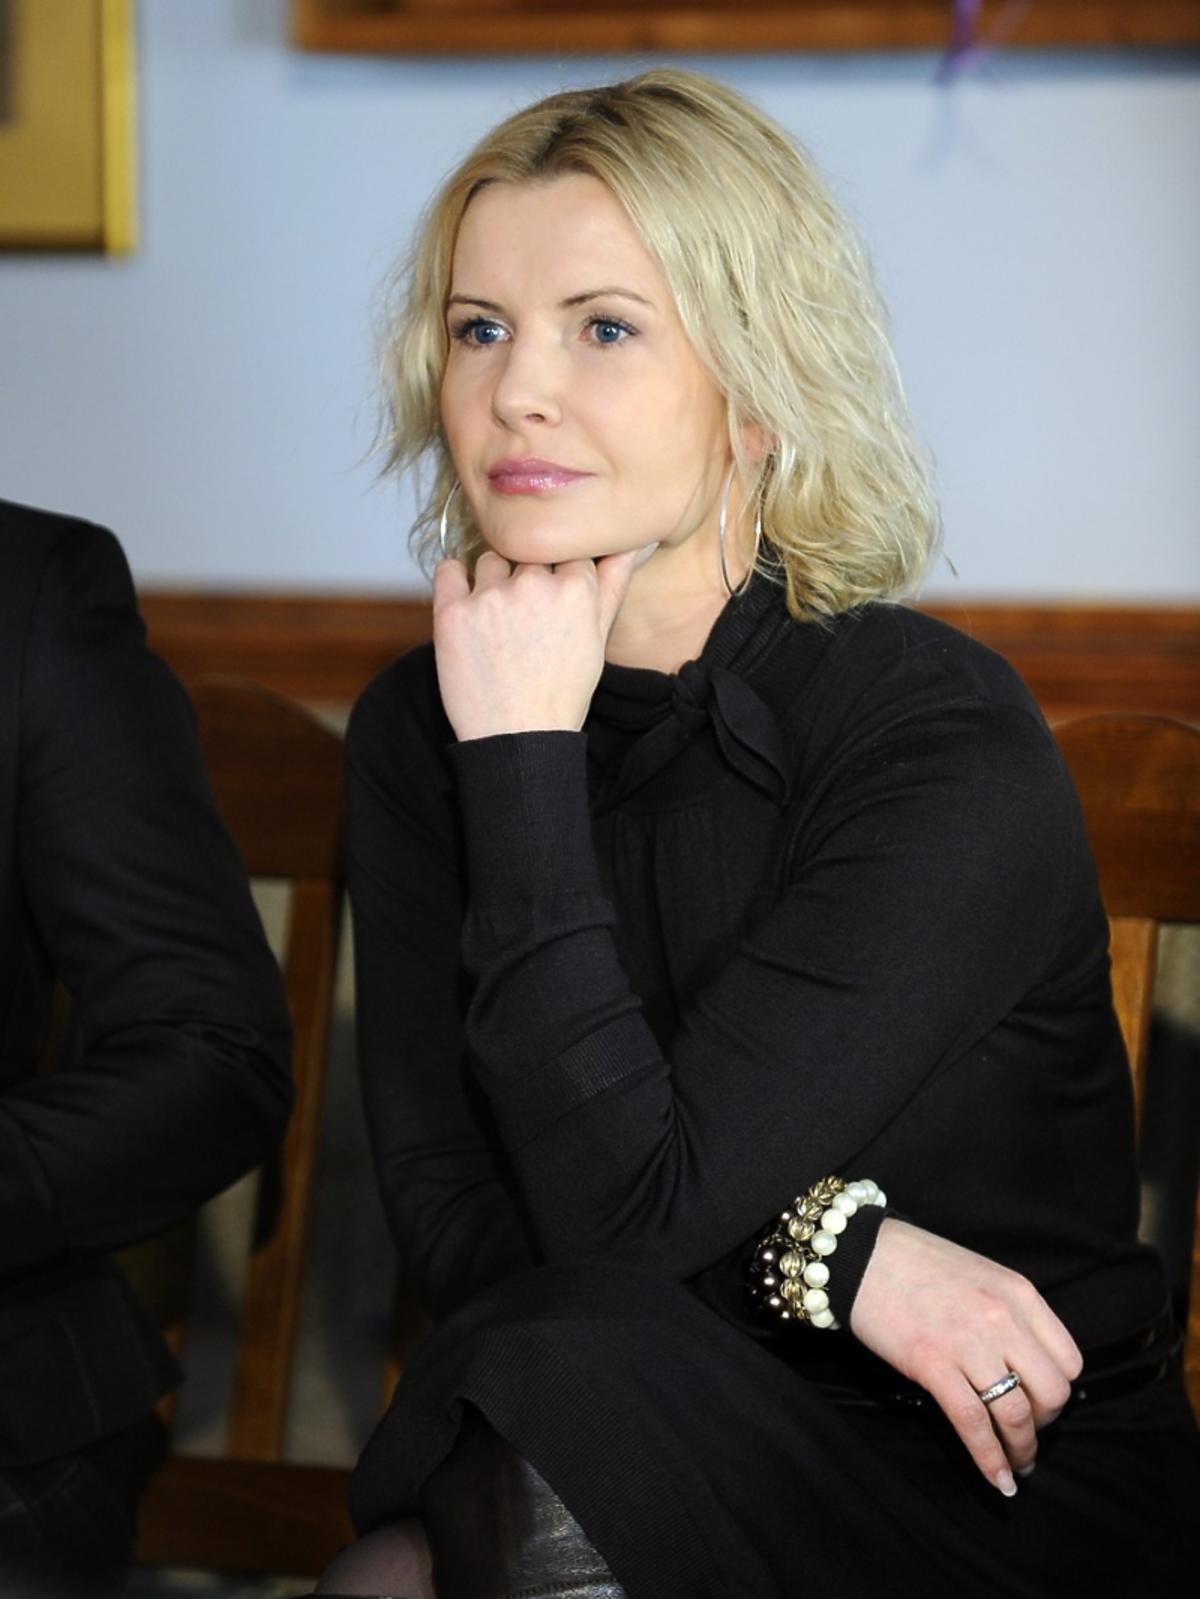 Joanna Racewicz w czarnej bluzce i spódnicy, zamyślona podpiera się ręką